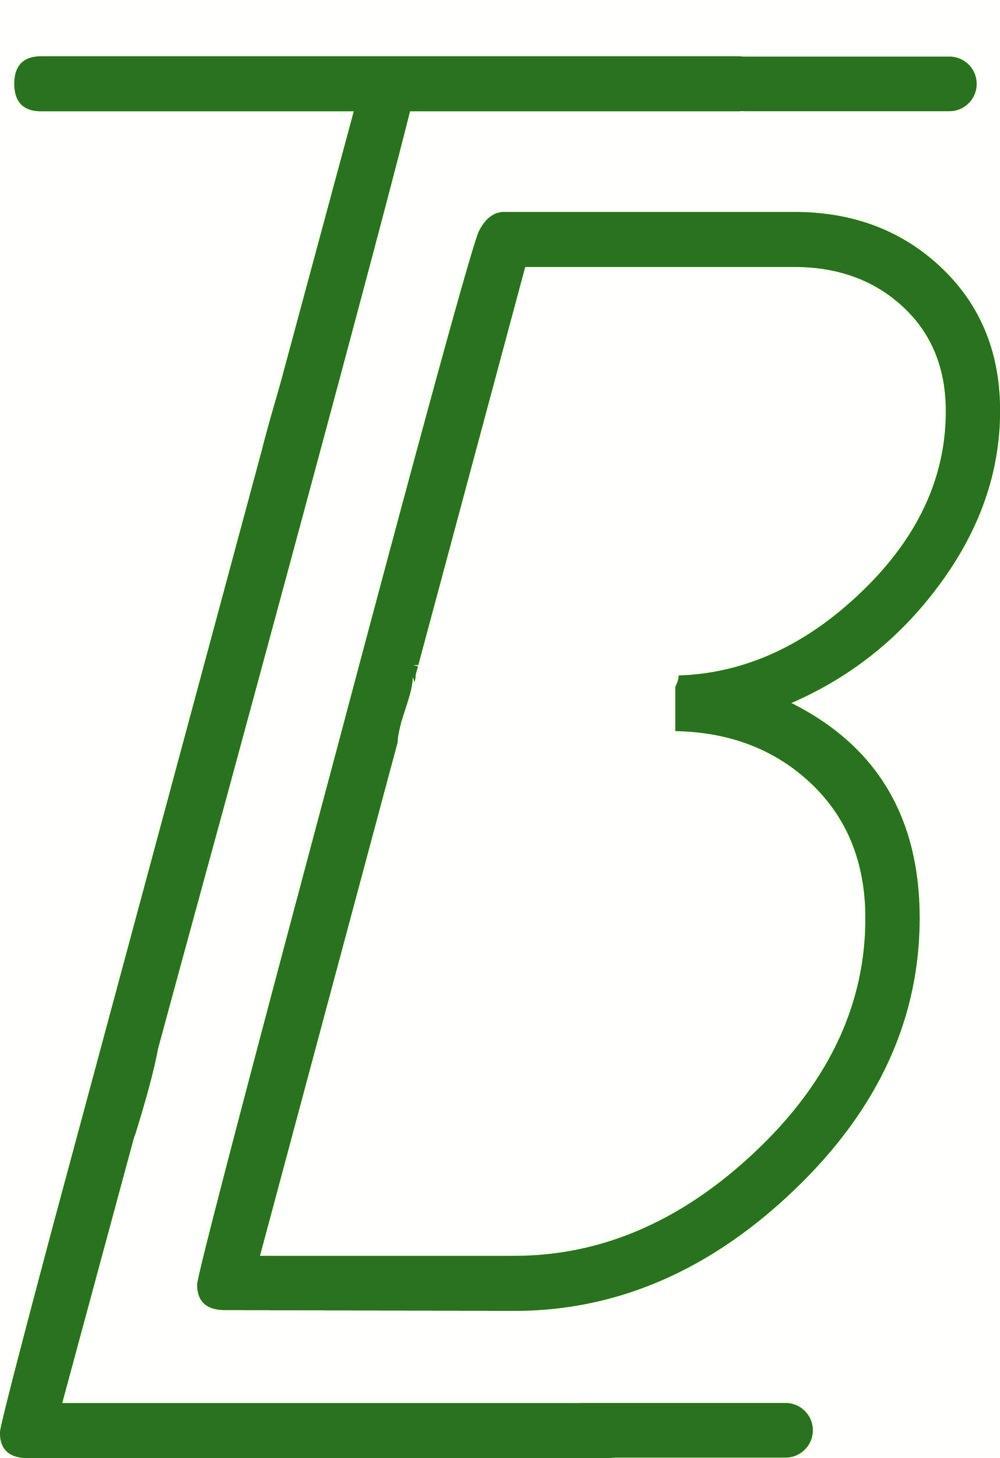 The Lucky Bastard logo